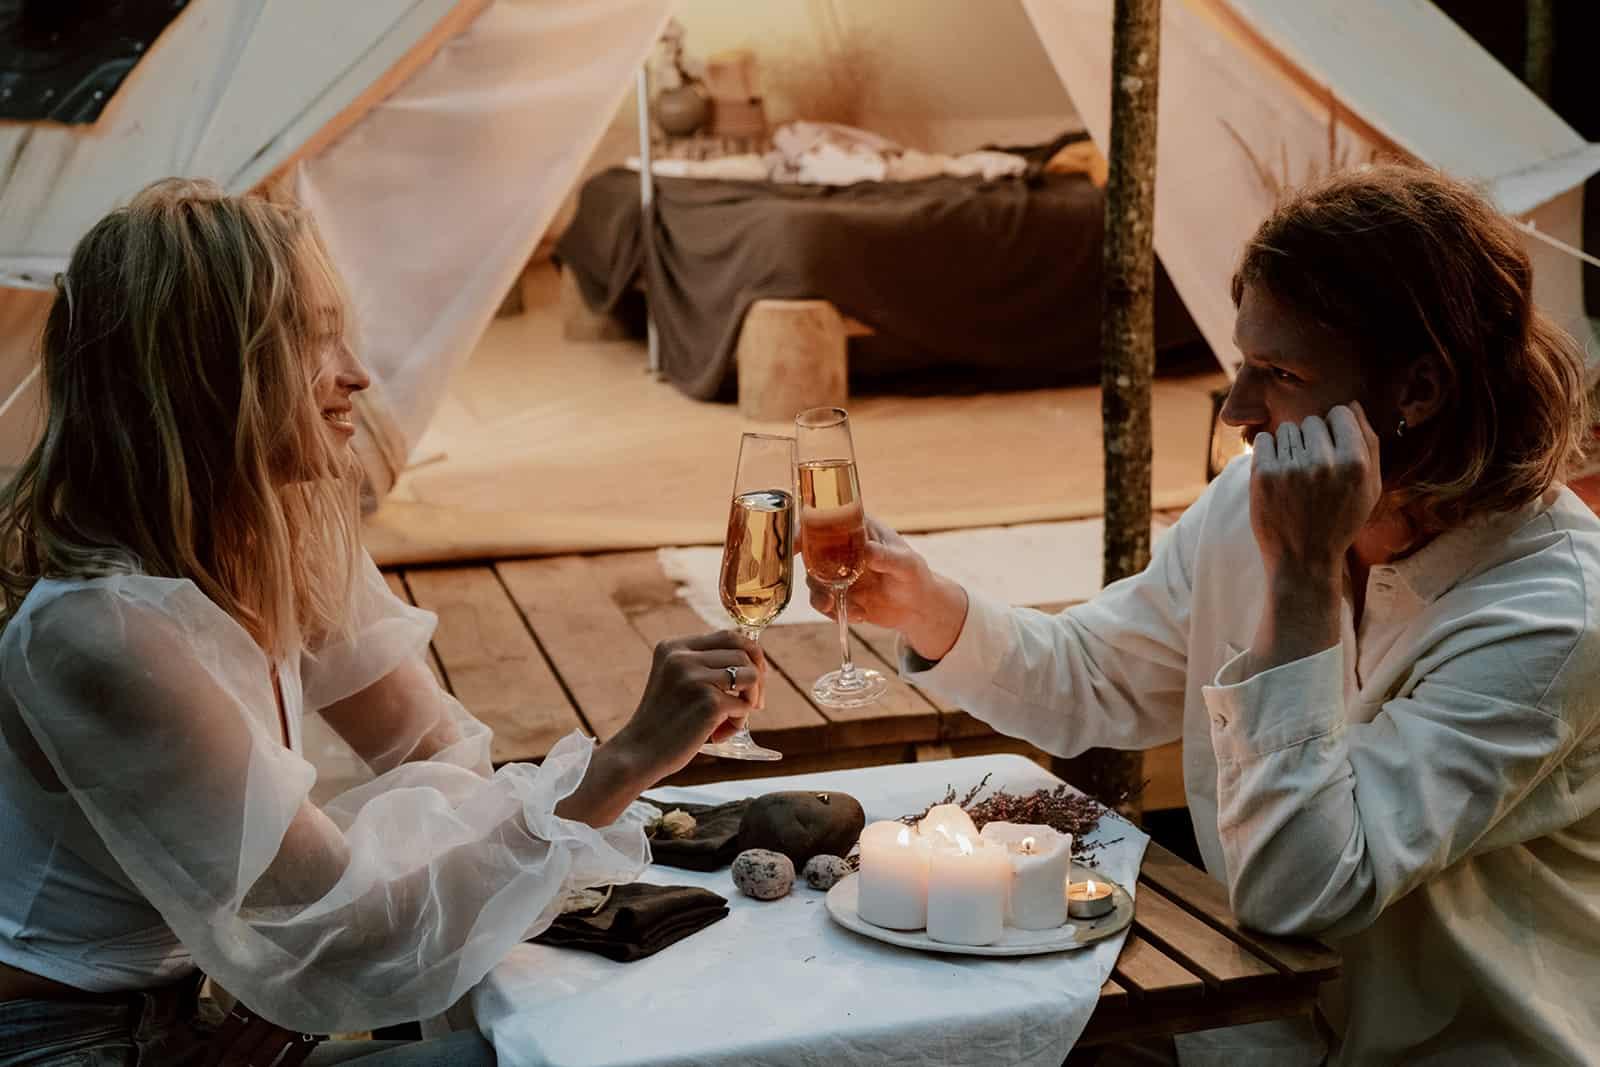 ein Paar, das an einem romantischen Abend mit Champagner anstößt